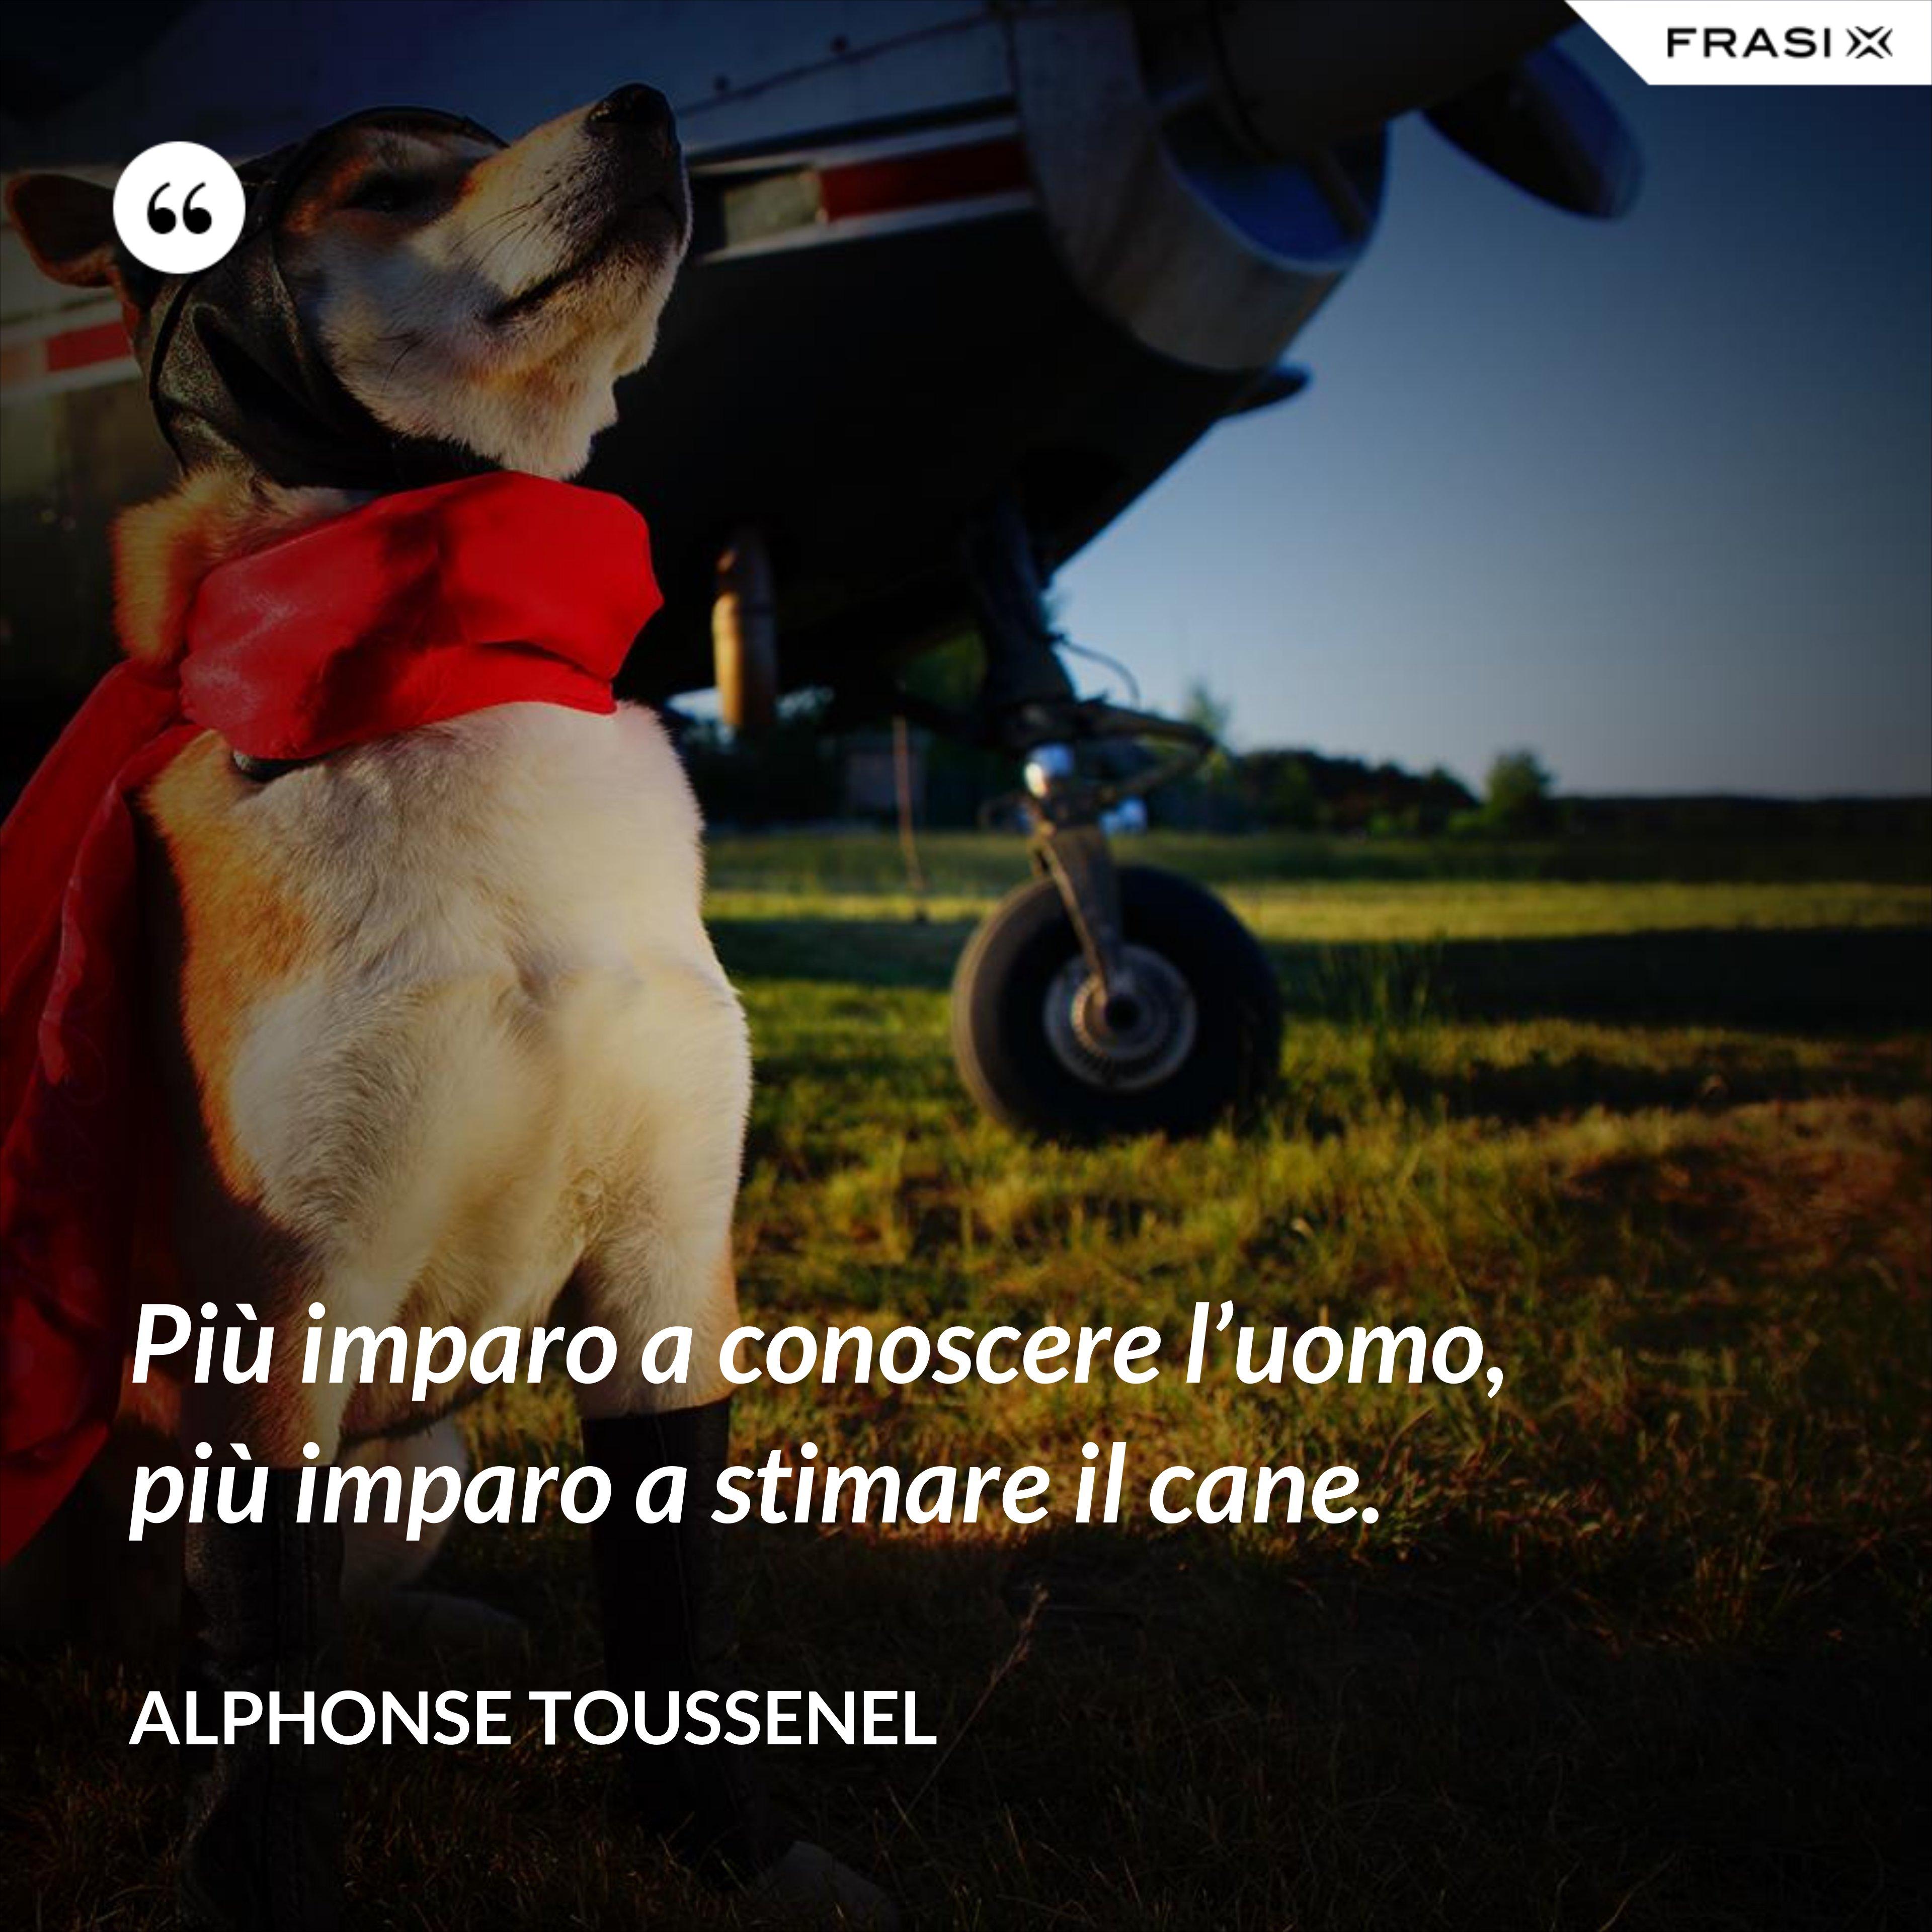 Più imparo a conoscere l'uomo, più imparo a stimare il cane. - Alphonse Toussenel